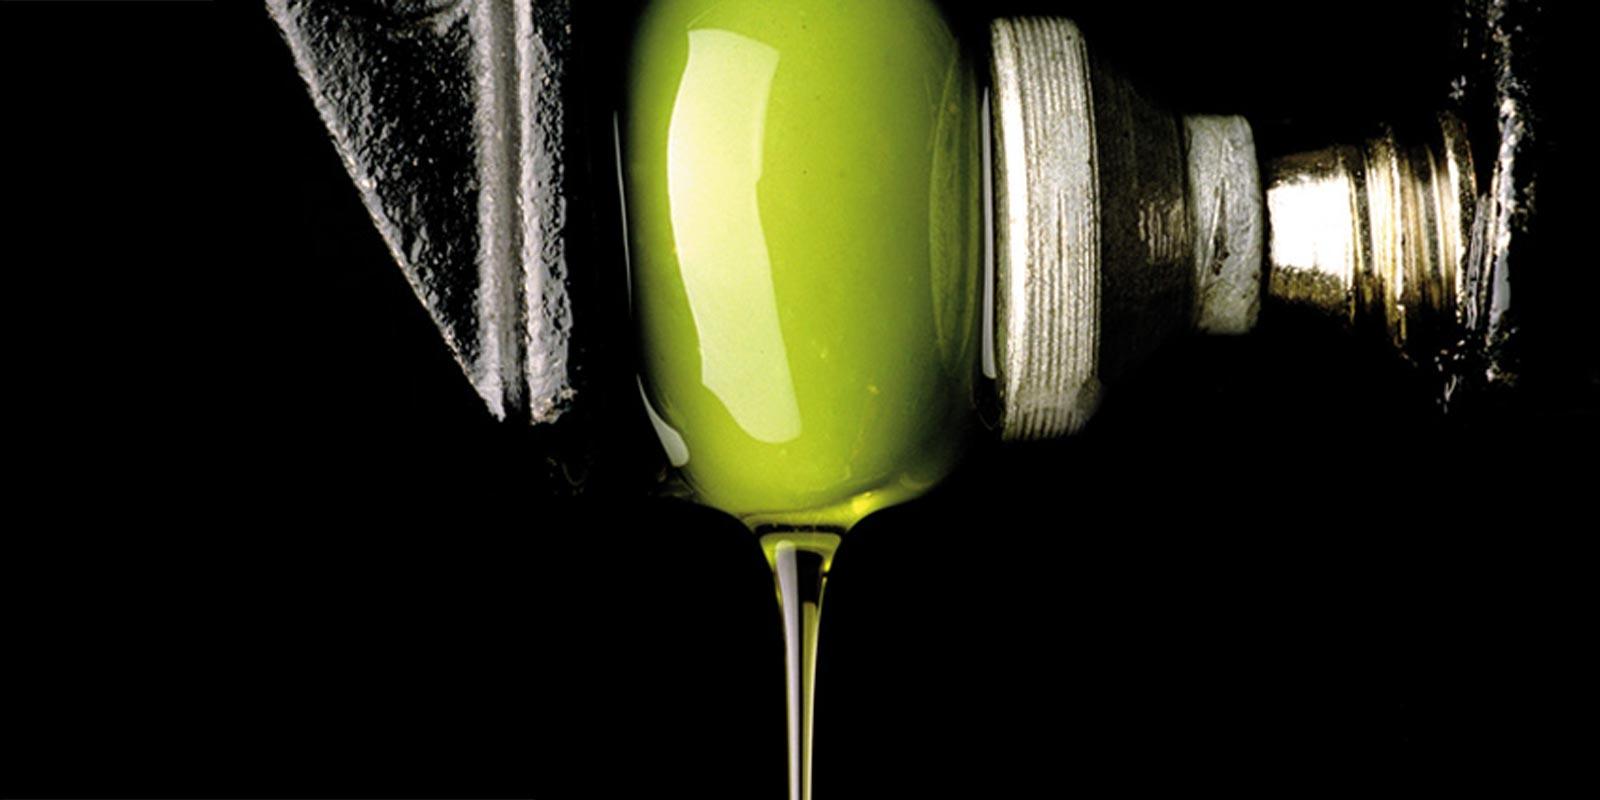 Acheter Une Maison En Italie Abruzzes huiles de abruzzes / italie de ursini